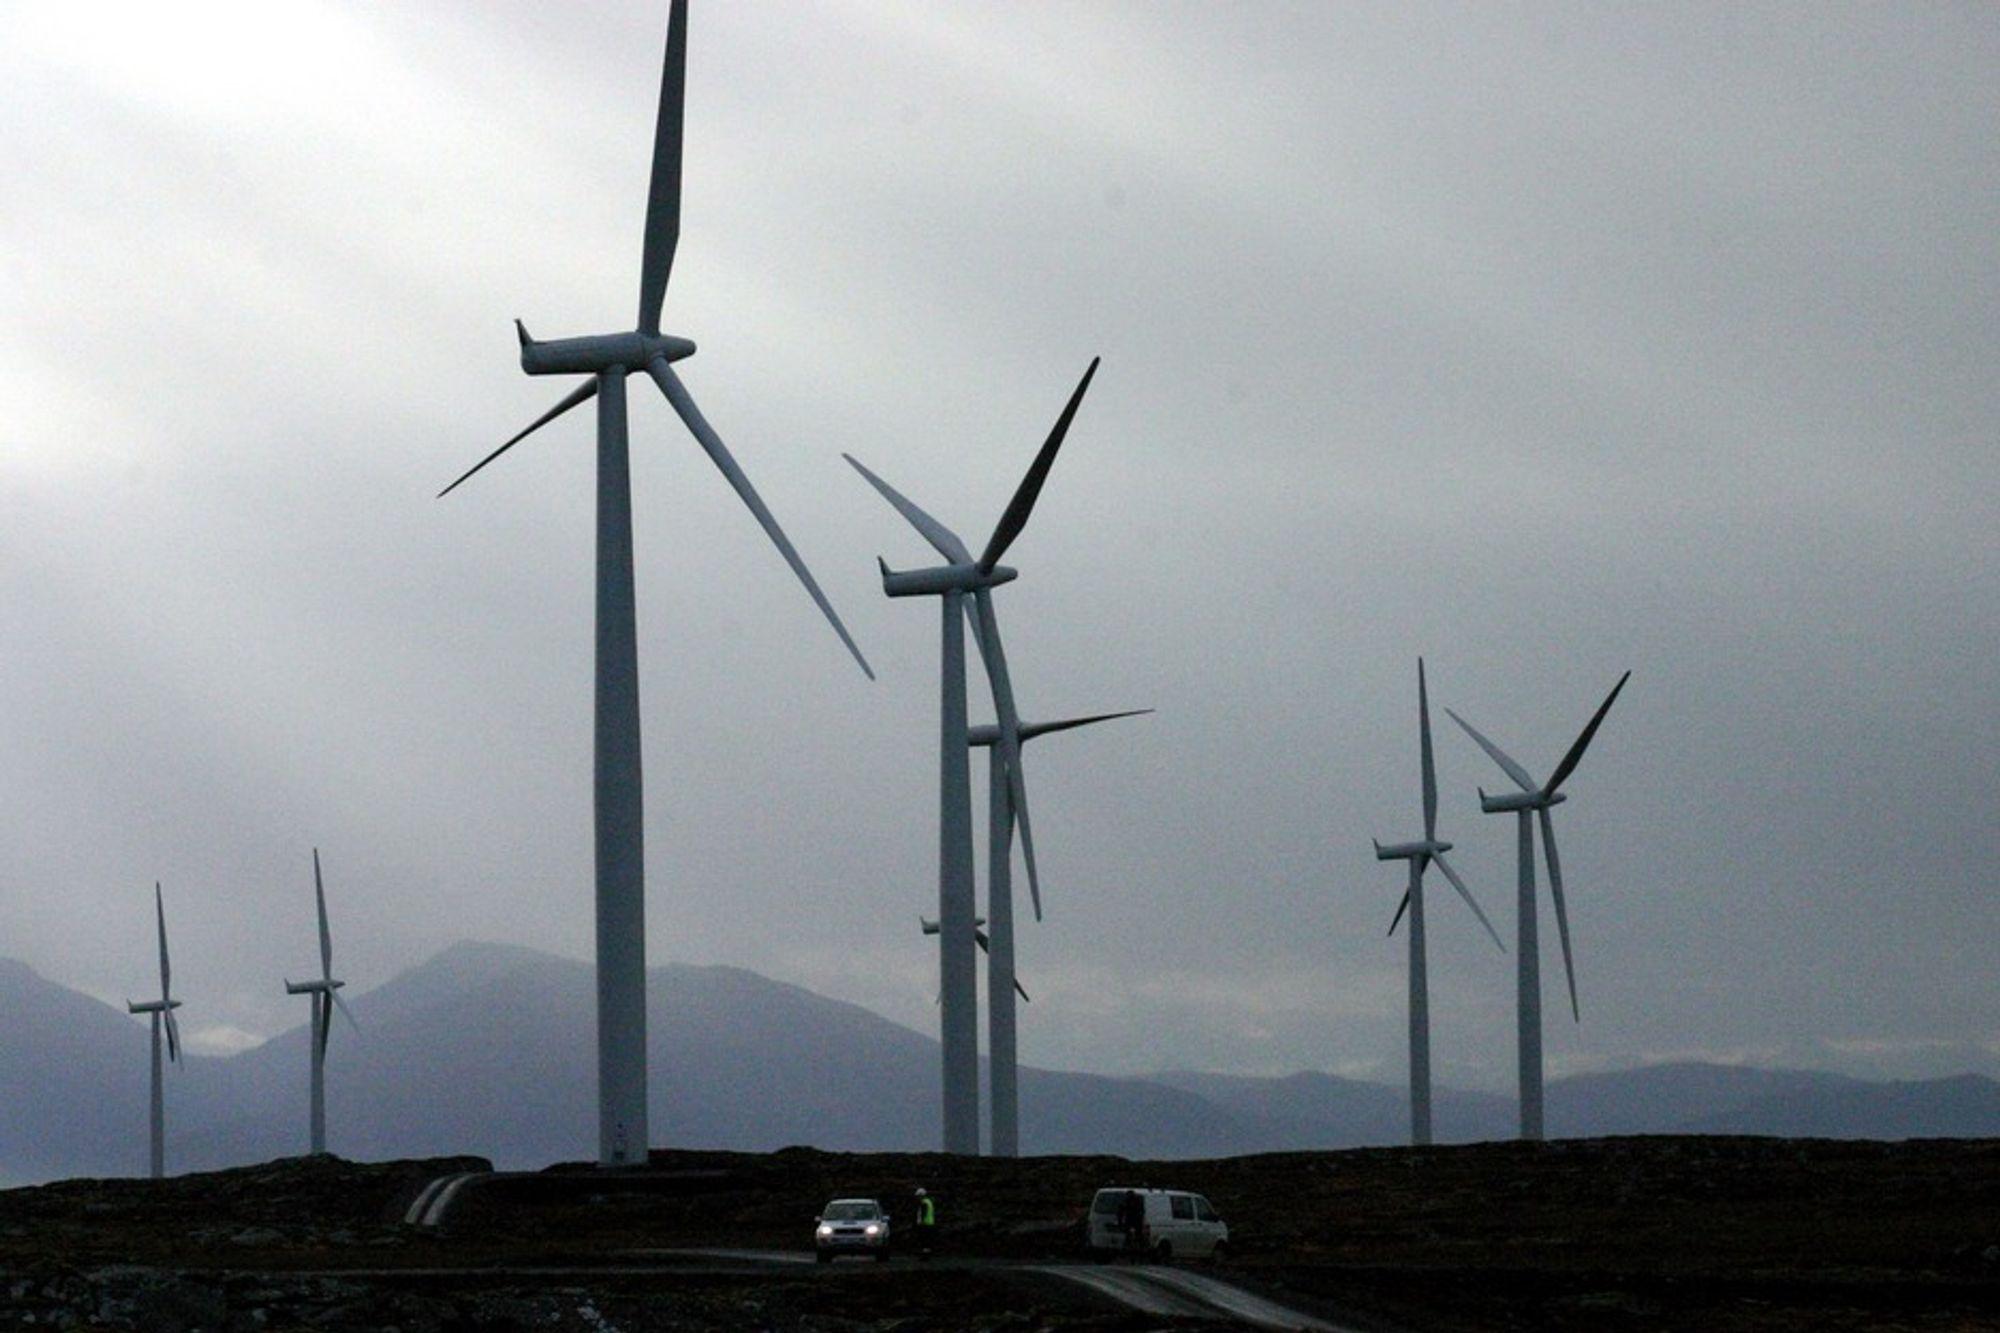 Kan lønne seg å pusse opp gamle vindkraftverk: Statkraft kan nå søke om å få sertifikater til Smøla vindpark, dersom de velger å ruste opp eller utvide vindparken i stedet for å ta den ned etter endt levetid. Men de nye reglene for dette er langt gunstigere i Sverige.